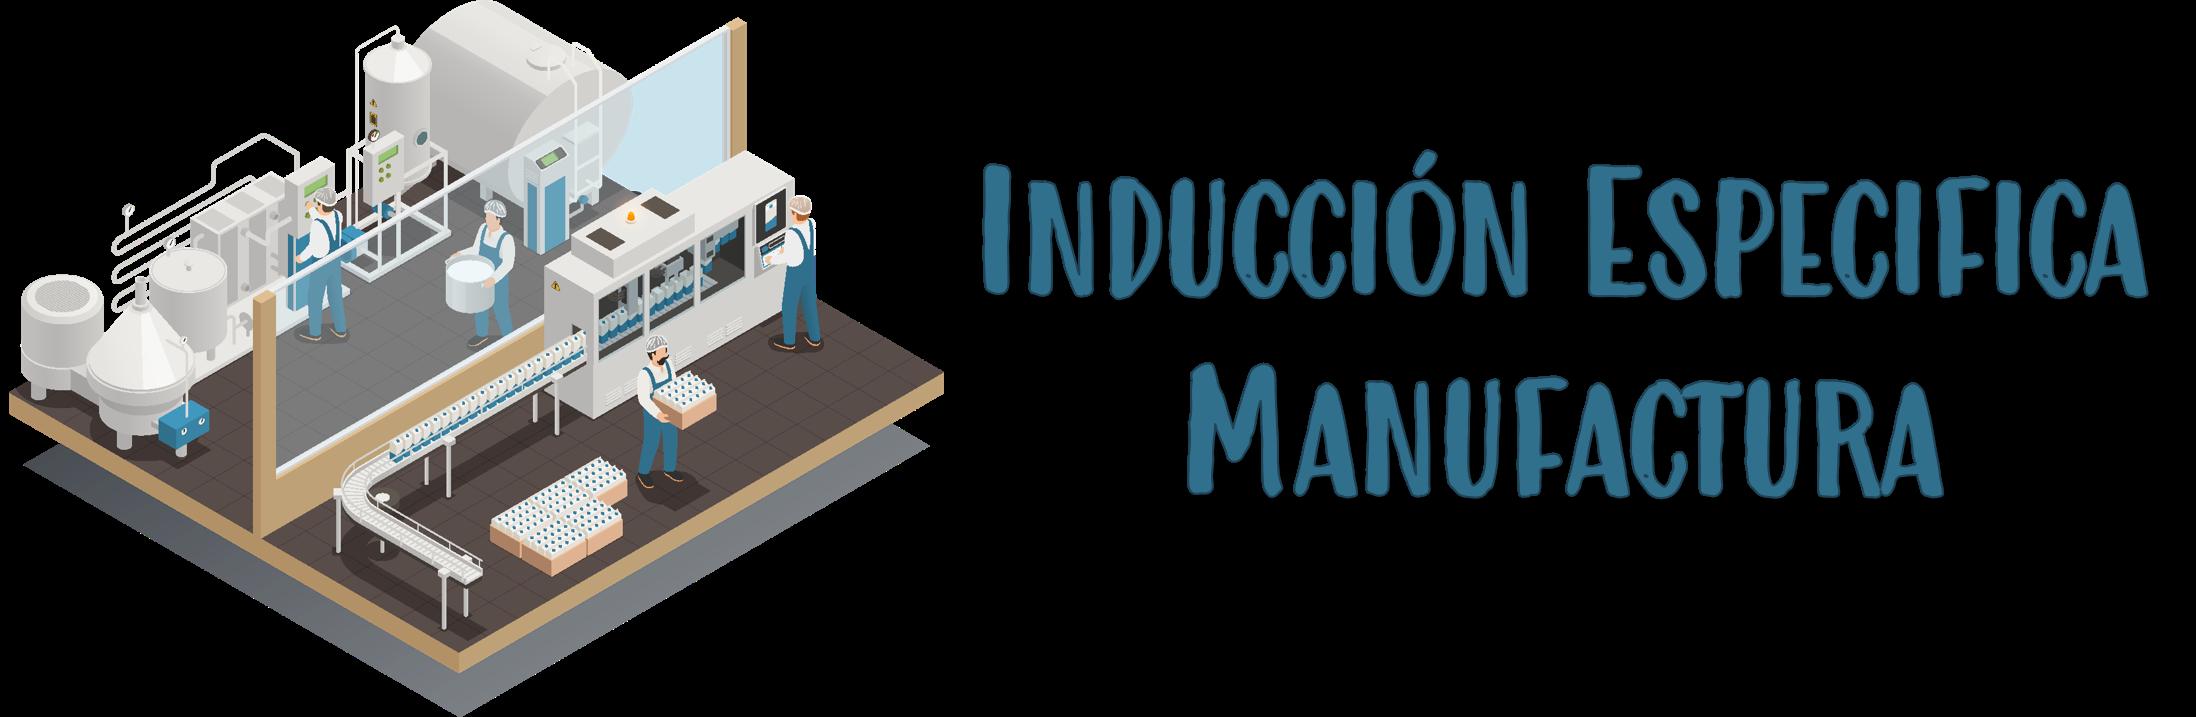 Inducción Específica Manufactura -Dominicana